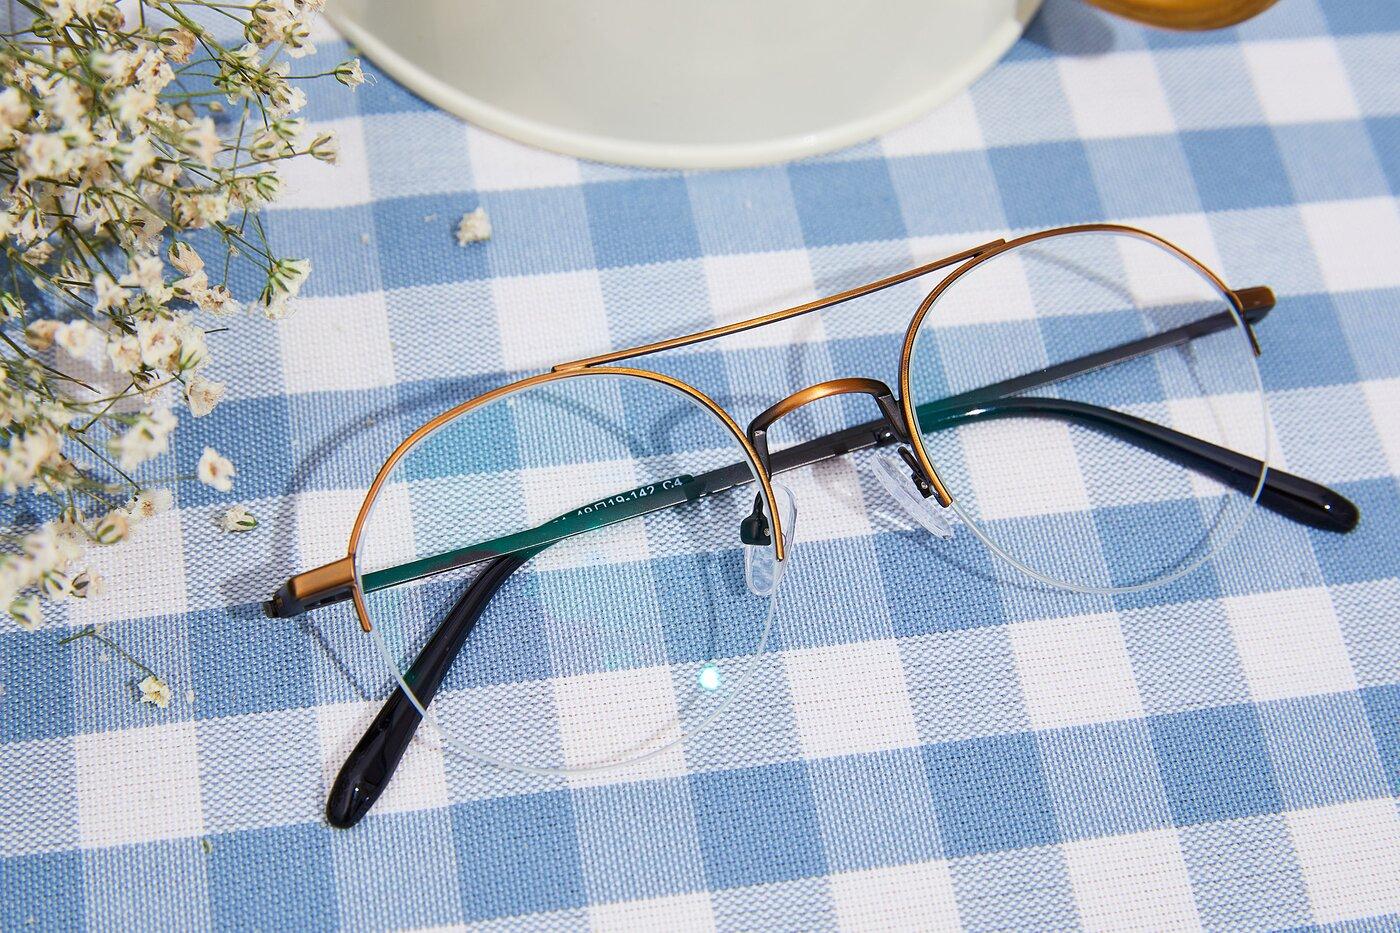 Bronze Double Bridge Round Semi-Rimless Eyeglasses